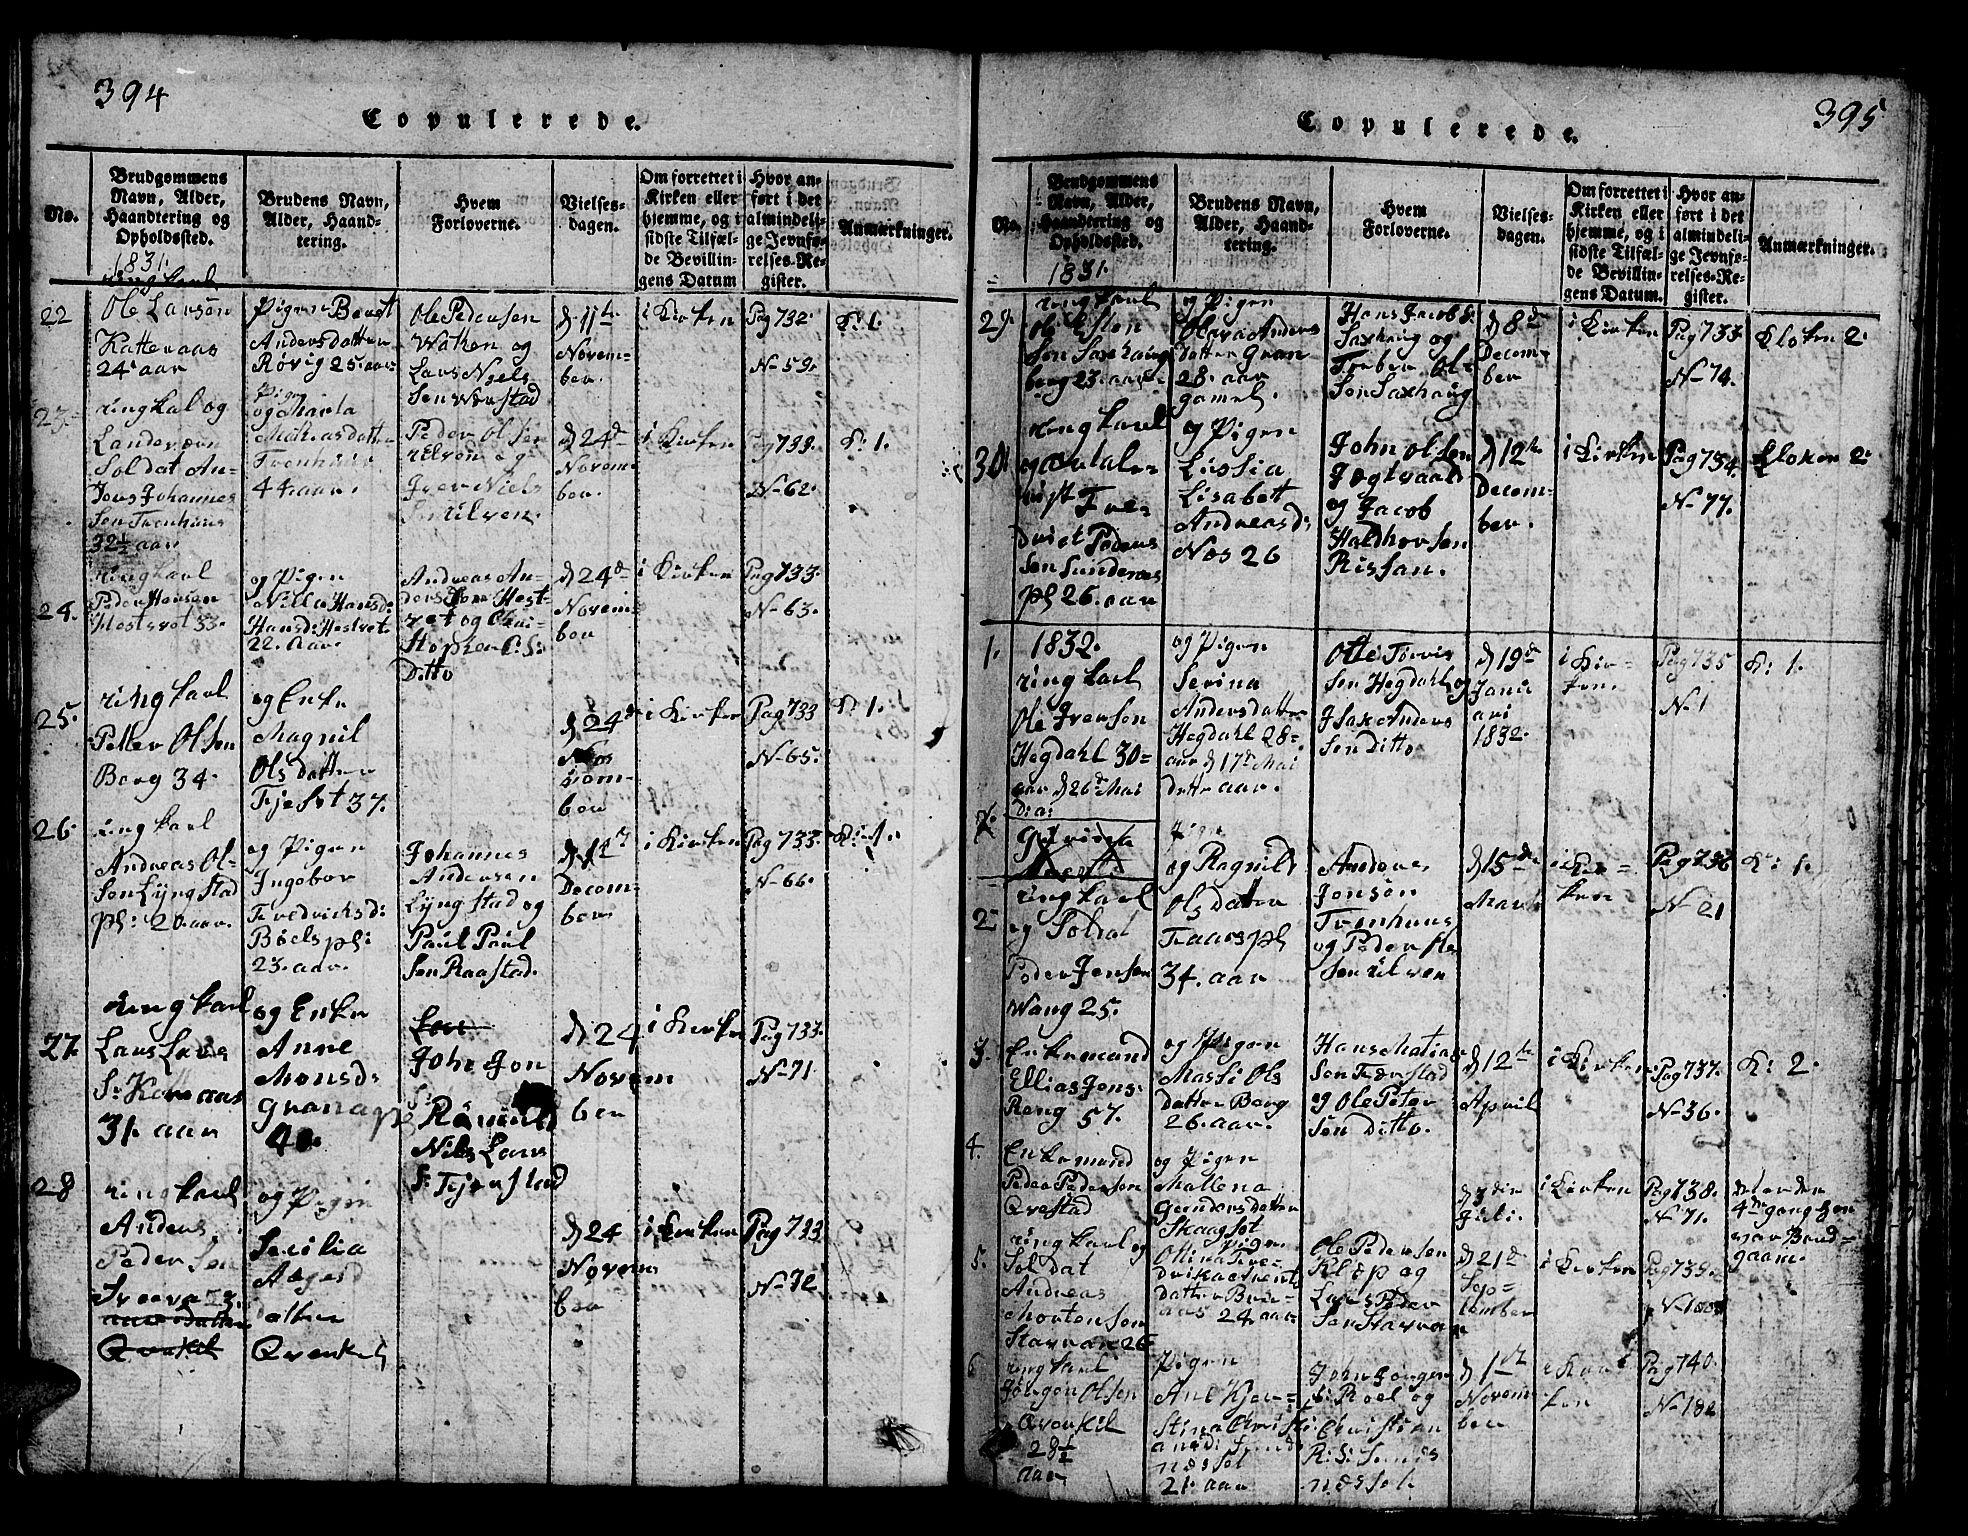 SAT, Ministerialprotokoller, klokkerbøker og fødselsregistre - Nord-Trøndelag, 730/L0298: Klokkerbok nr. 730C01, 1816-1849, s. 394-395